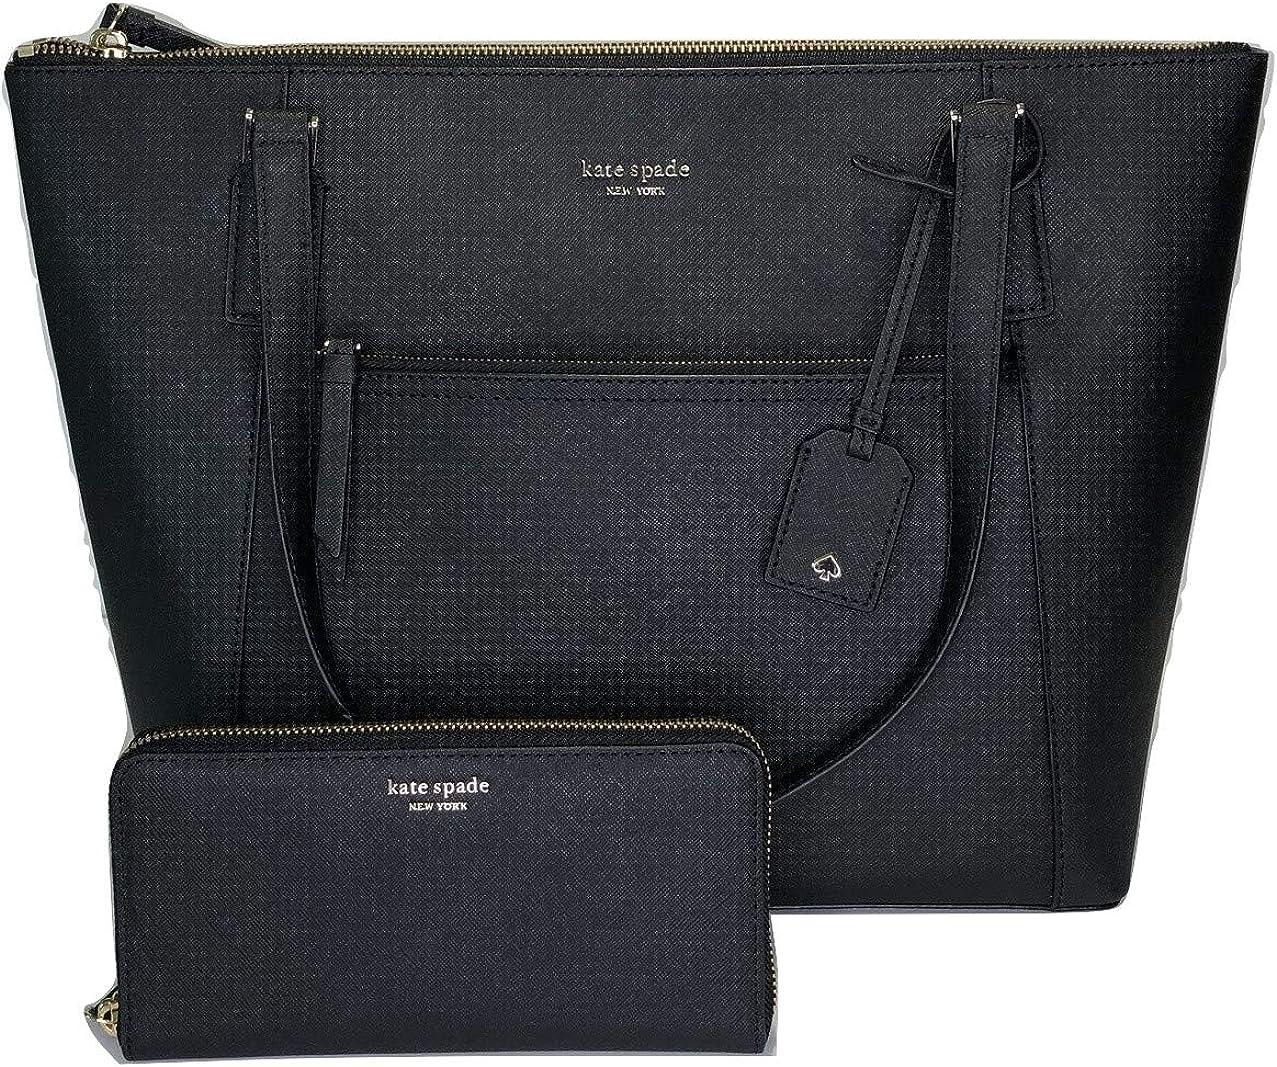 Kate Spade New York Cameron Pocket Tote WKRU5841 bundled with matching Cameron Large Wallet WLRU5449 (Black)